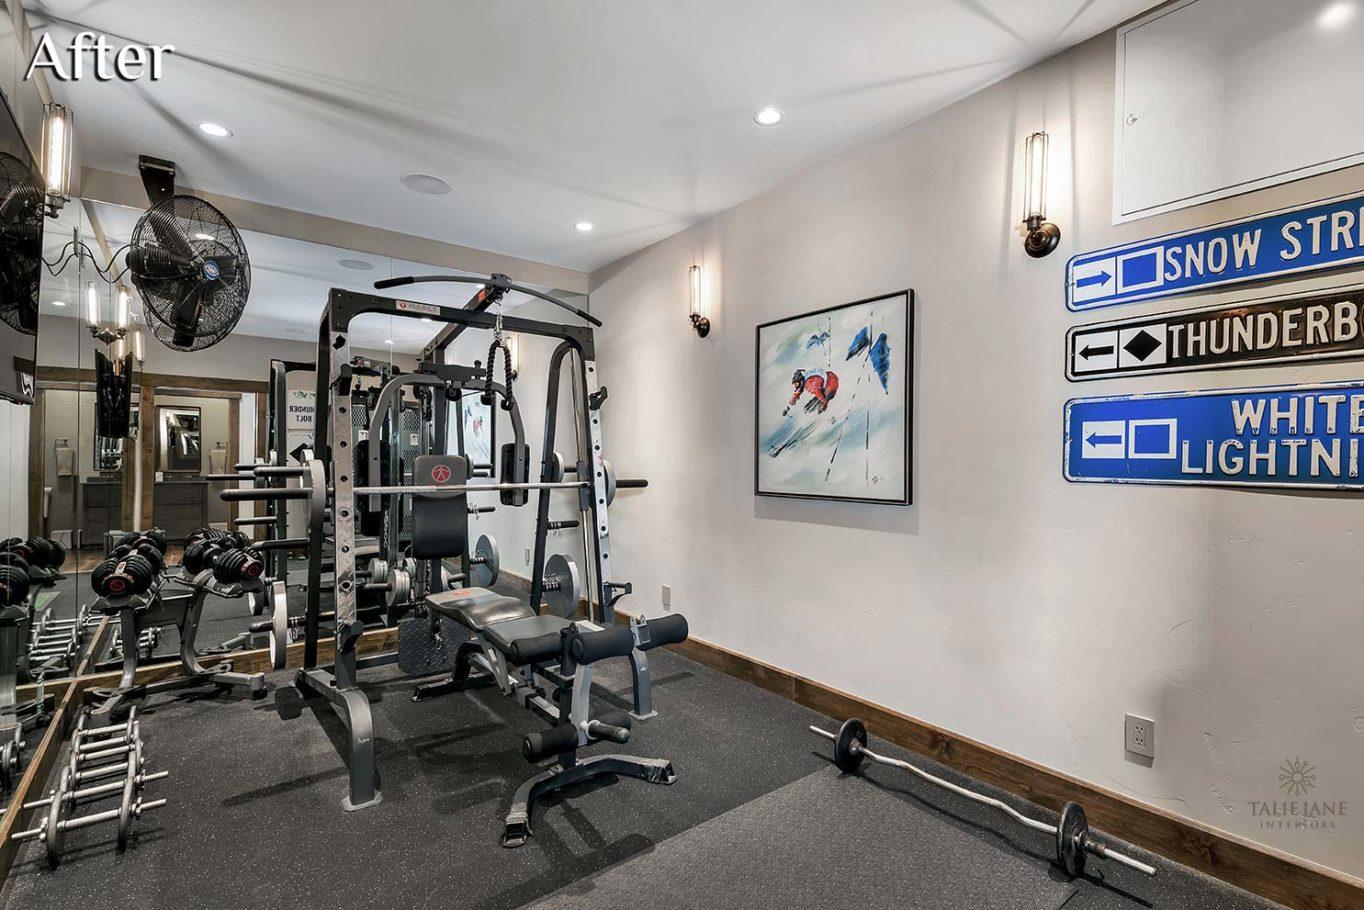 Exercise Room interior design - Talie Jane Interiors